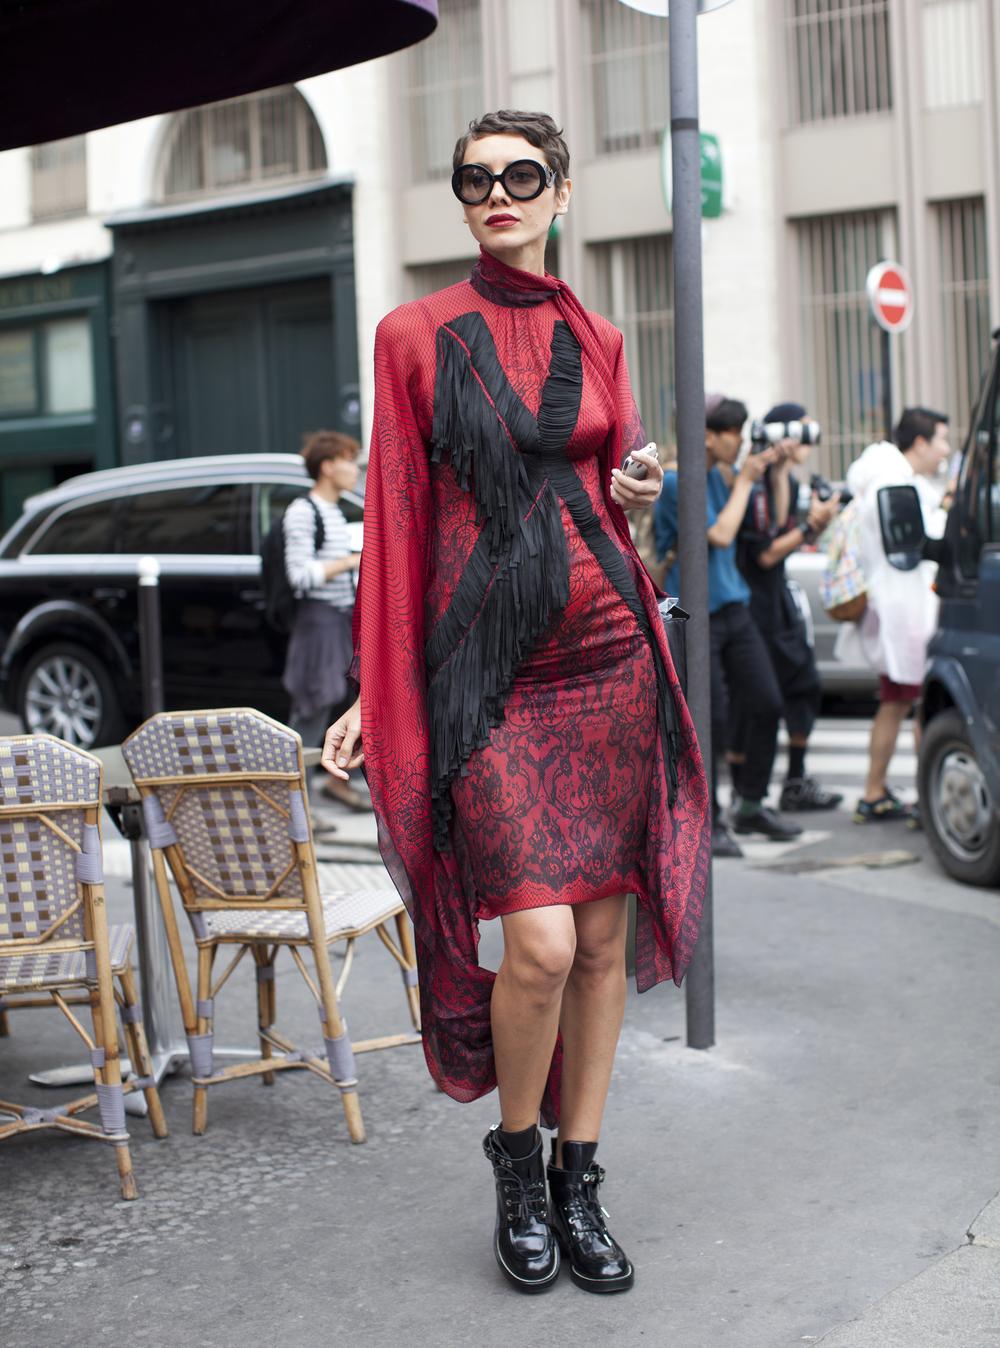 kathryn-wirsing-couture-week-streetstyle-22.jpg